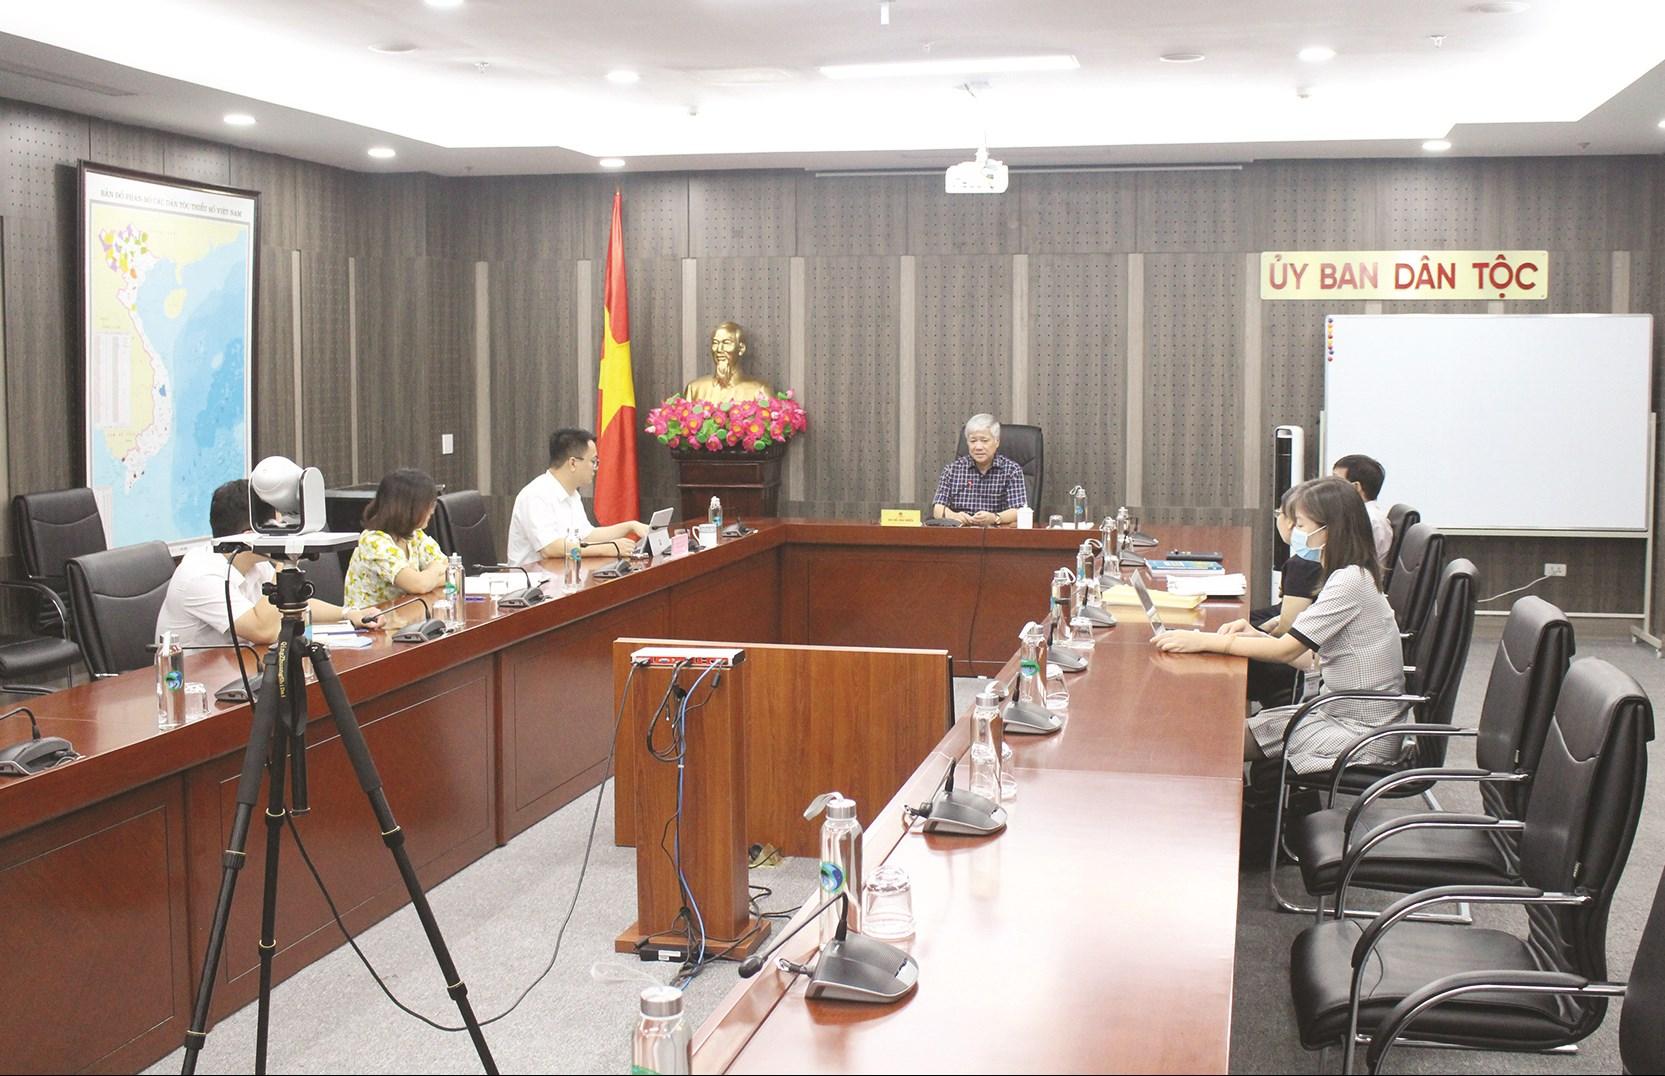 Bộ trưởng, Chủ nhiệm Đỗ Văn Chiến chủ trì buổi làm việc